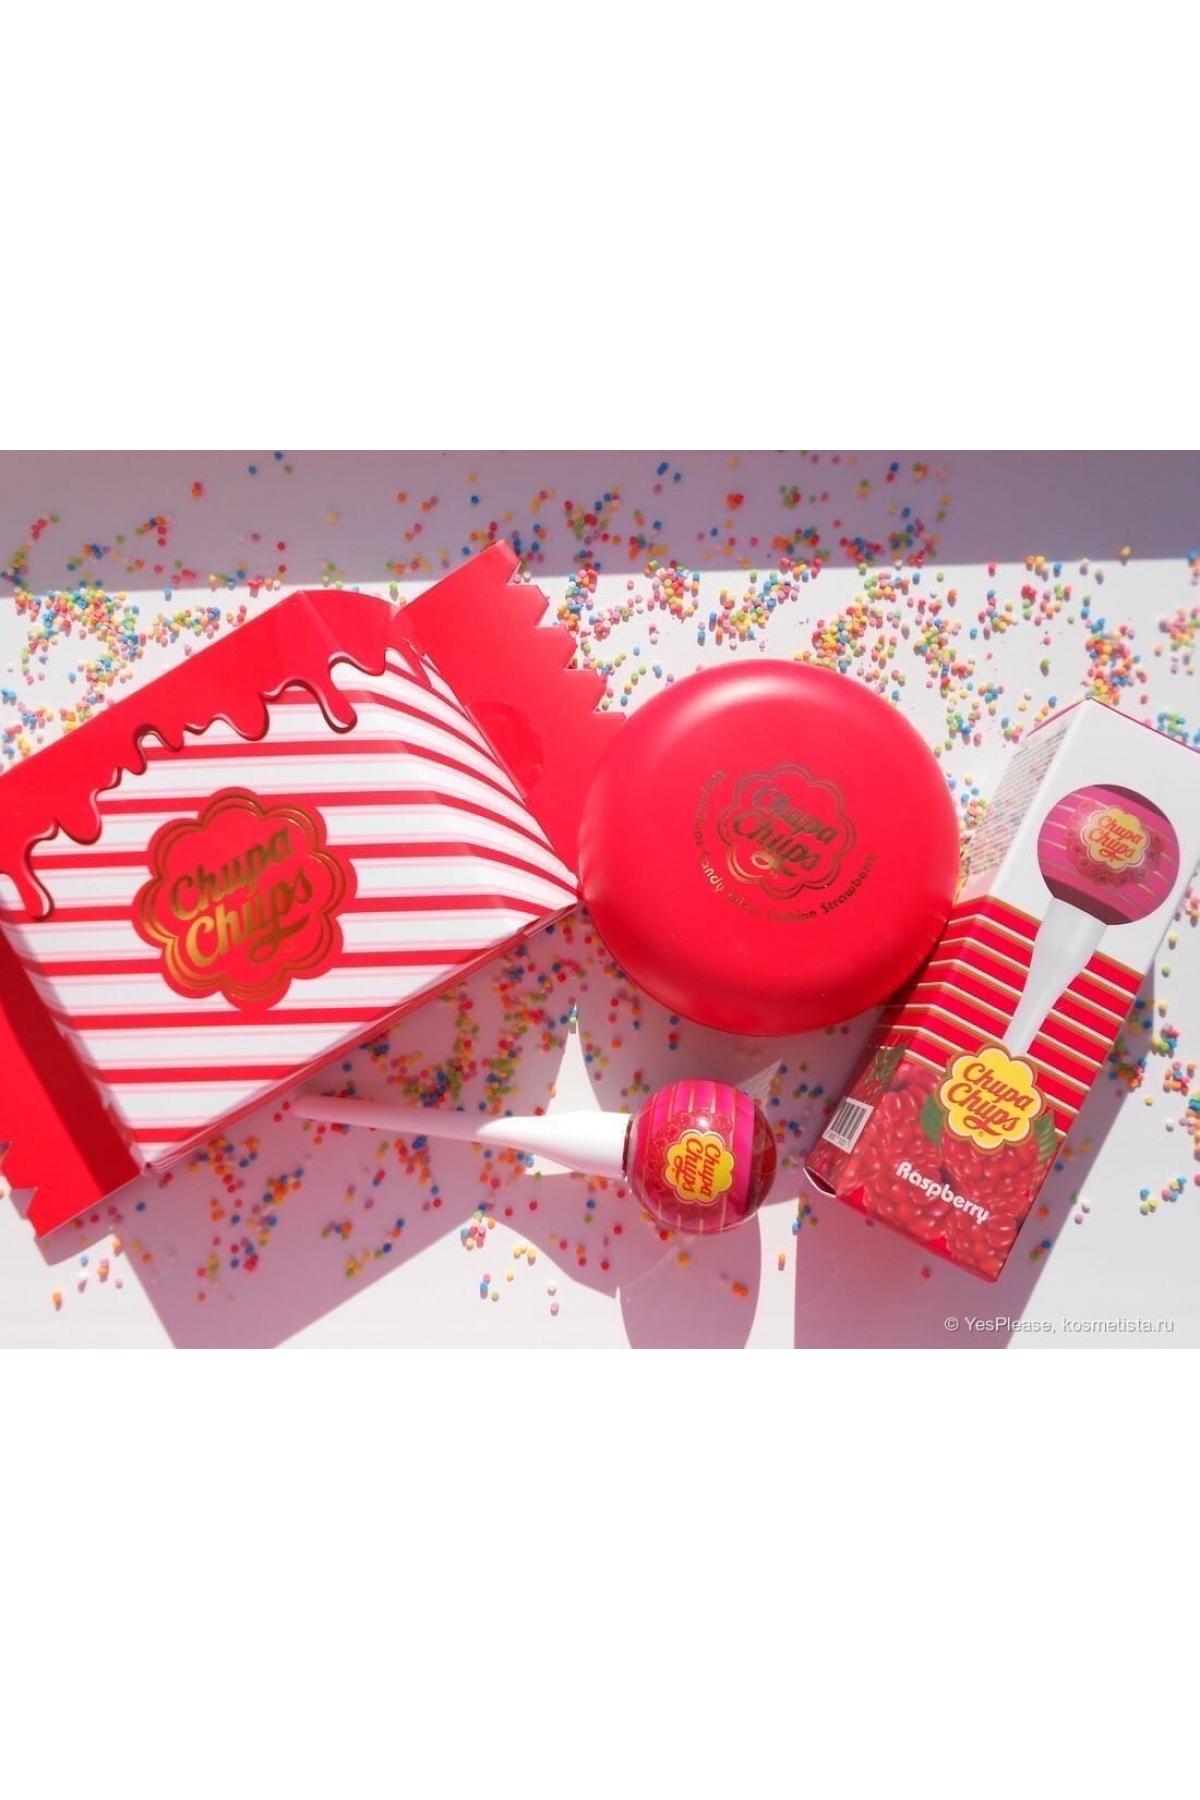 Тональная основа-кушон Chupa Chups Candy Glow Cushion Strawberry SPF50+ PA++++